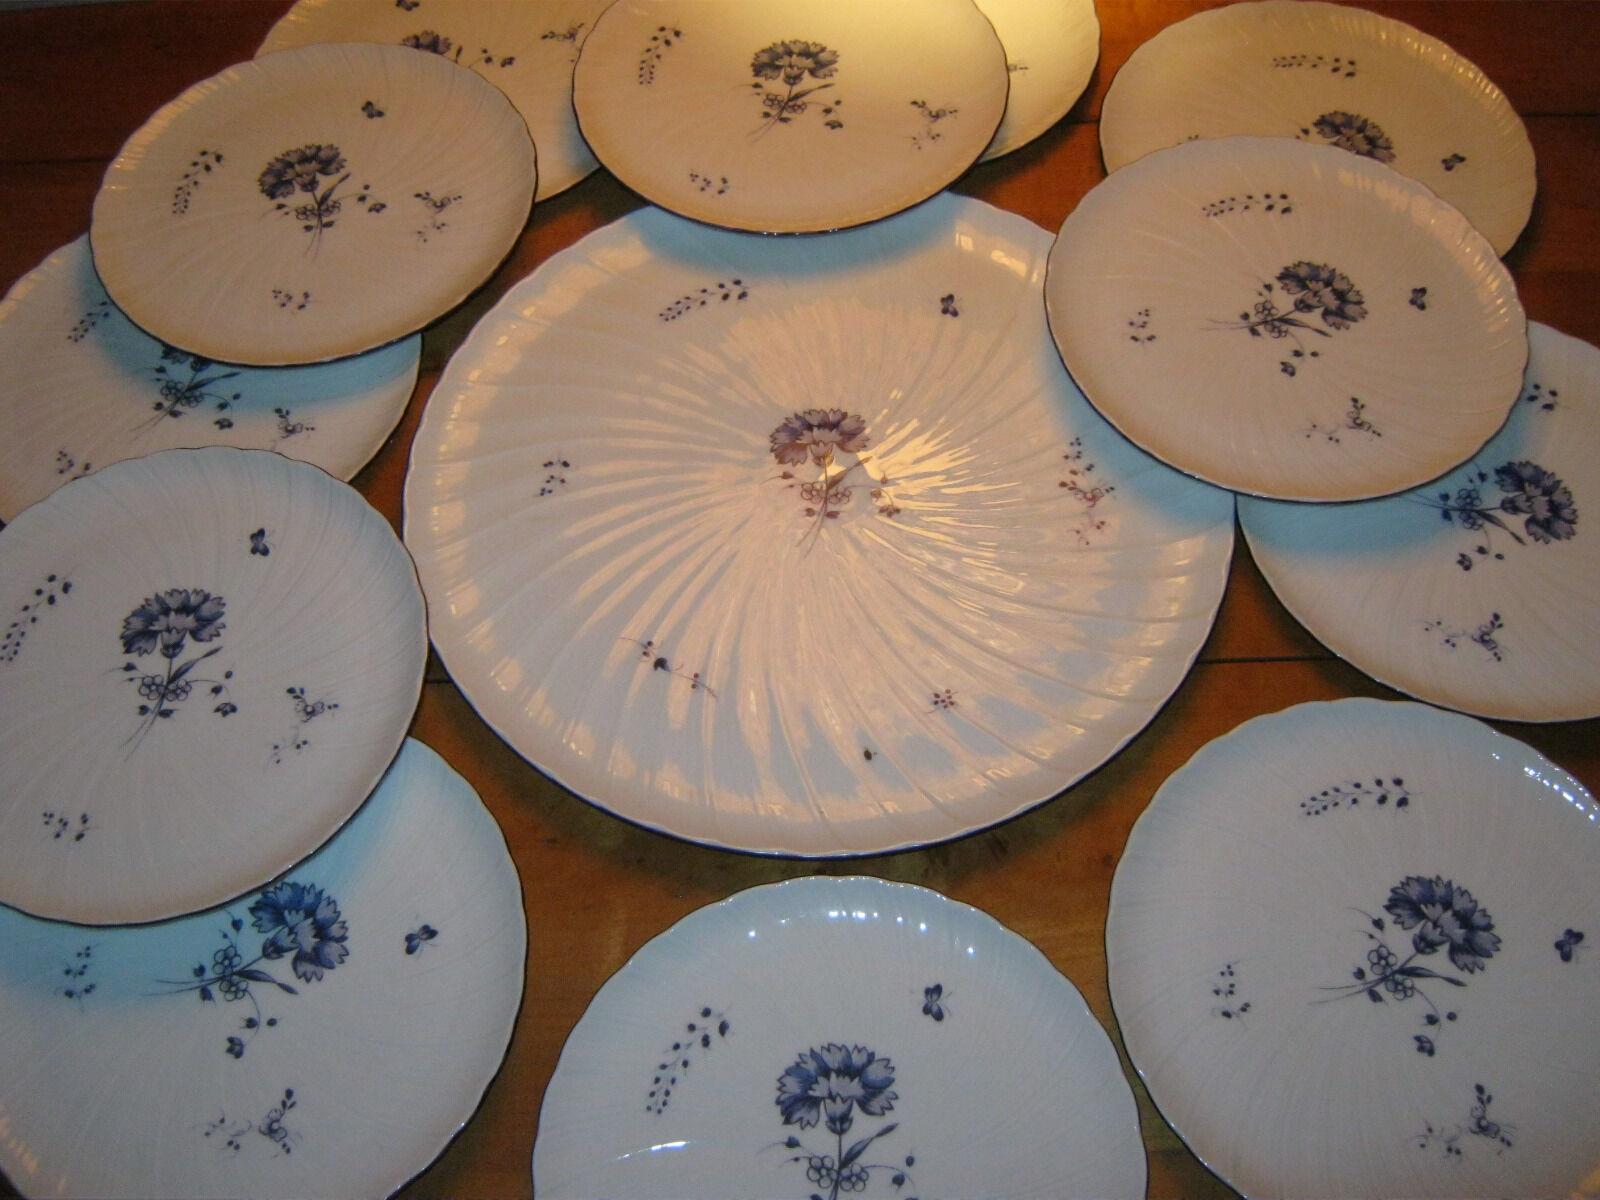 Sevice desset 1 plat +12  assiettes BERNARDEAU  Oeillet bleu Chantilly 18em